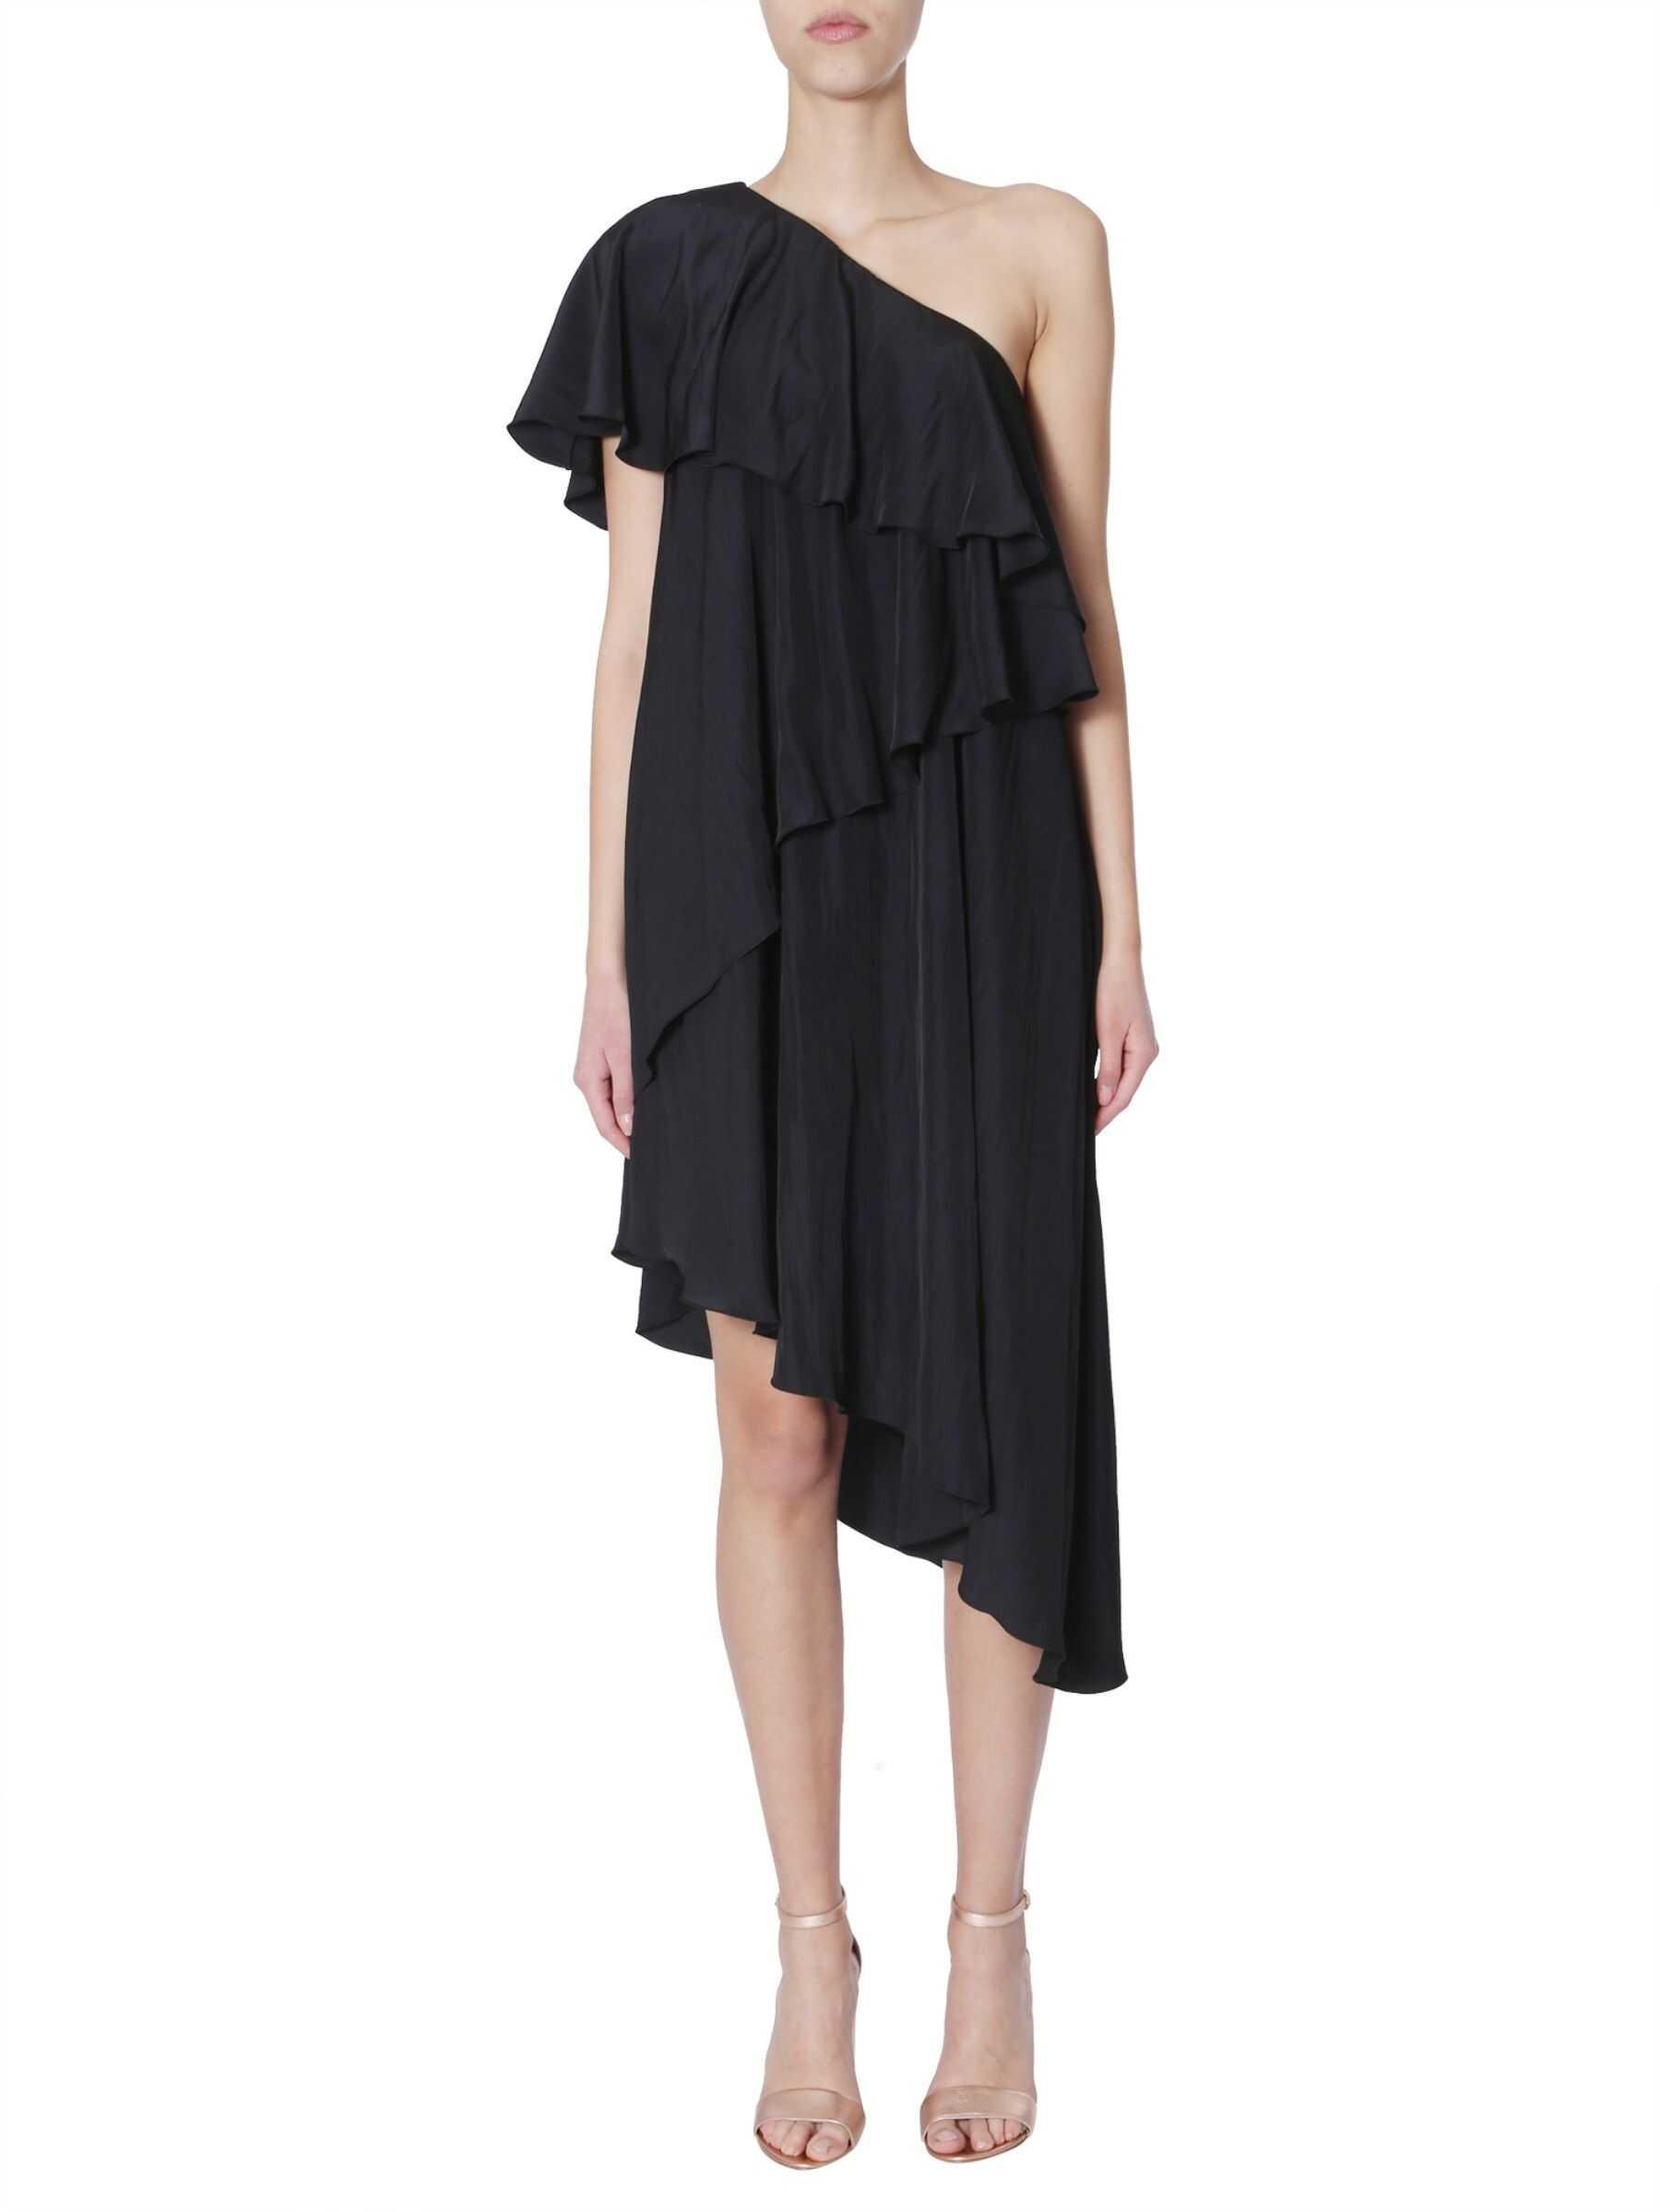 Lanvin Asymmetrical Dress RW-DR200U_2638-P1910 BLACK image0